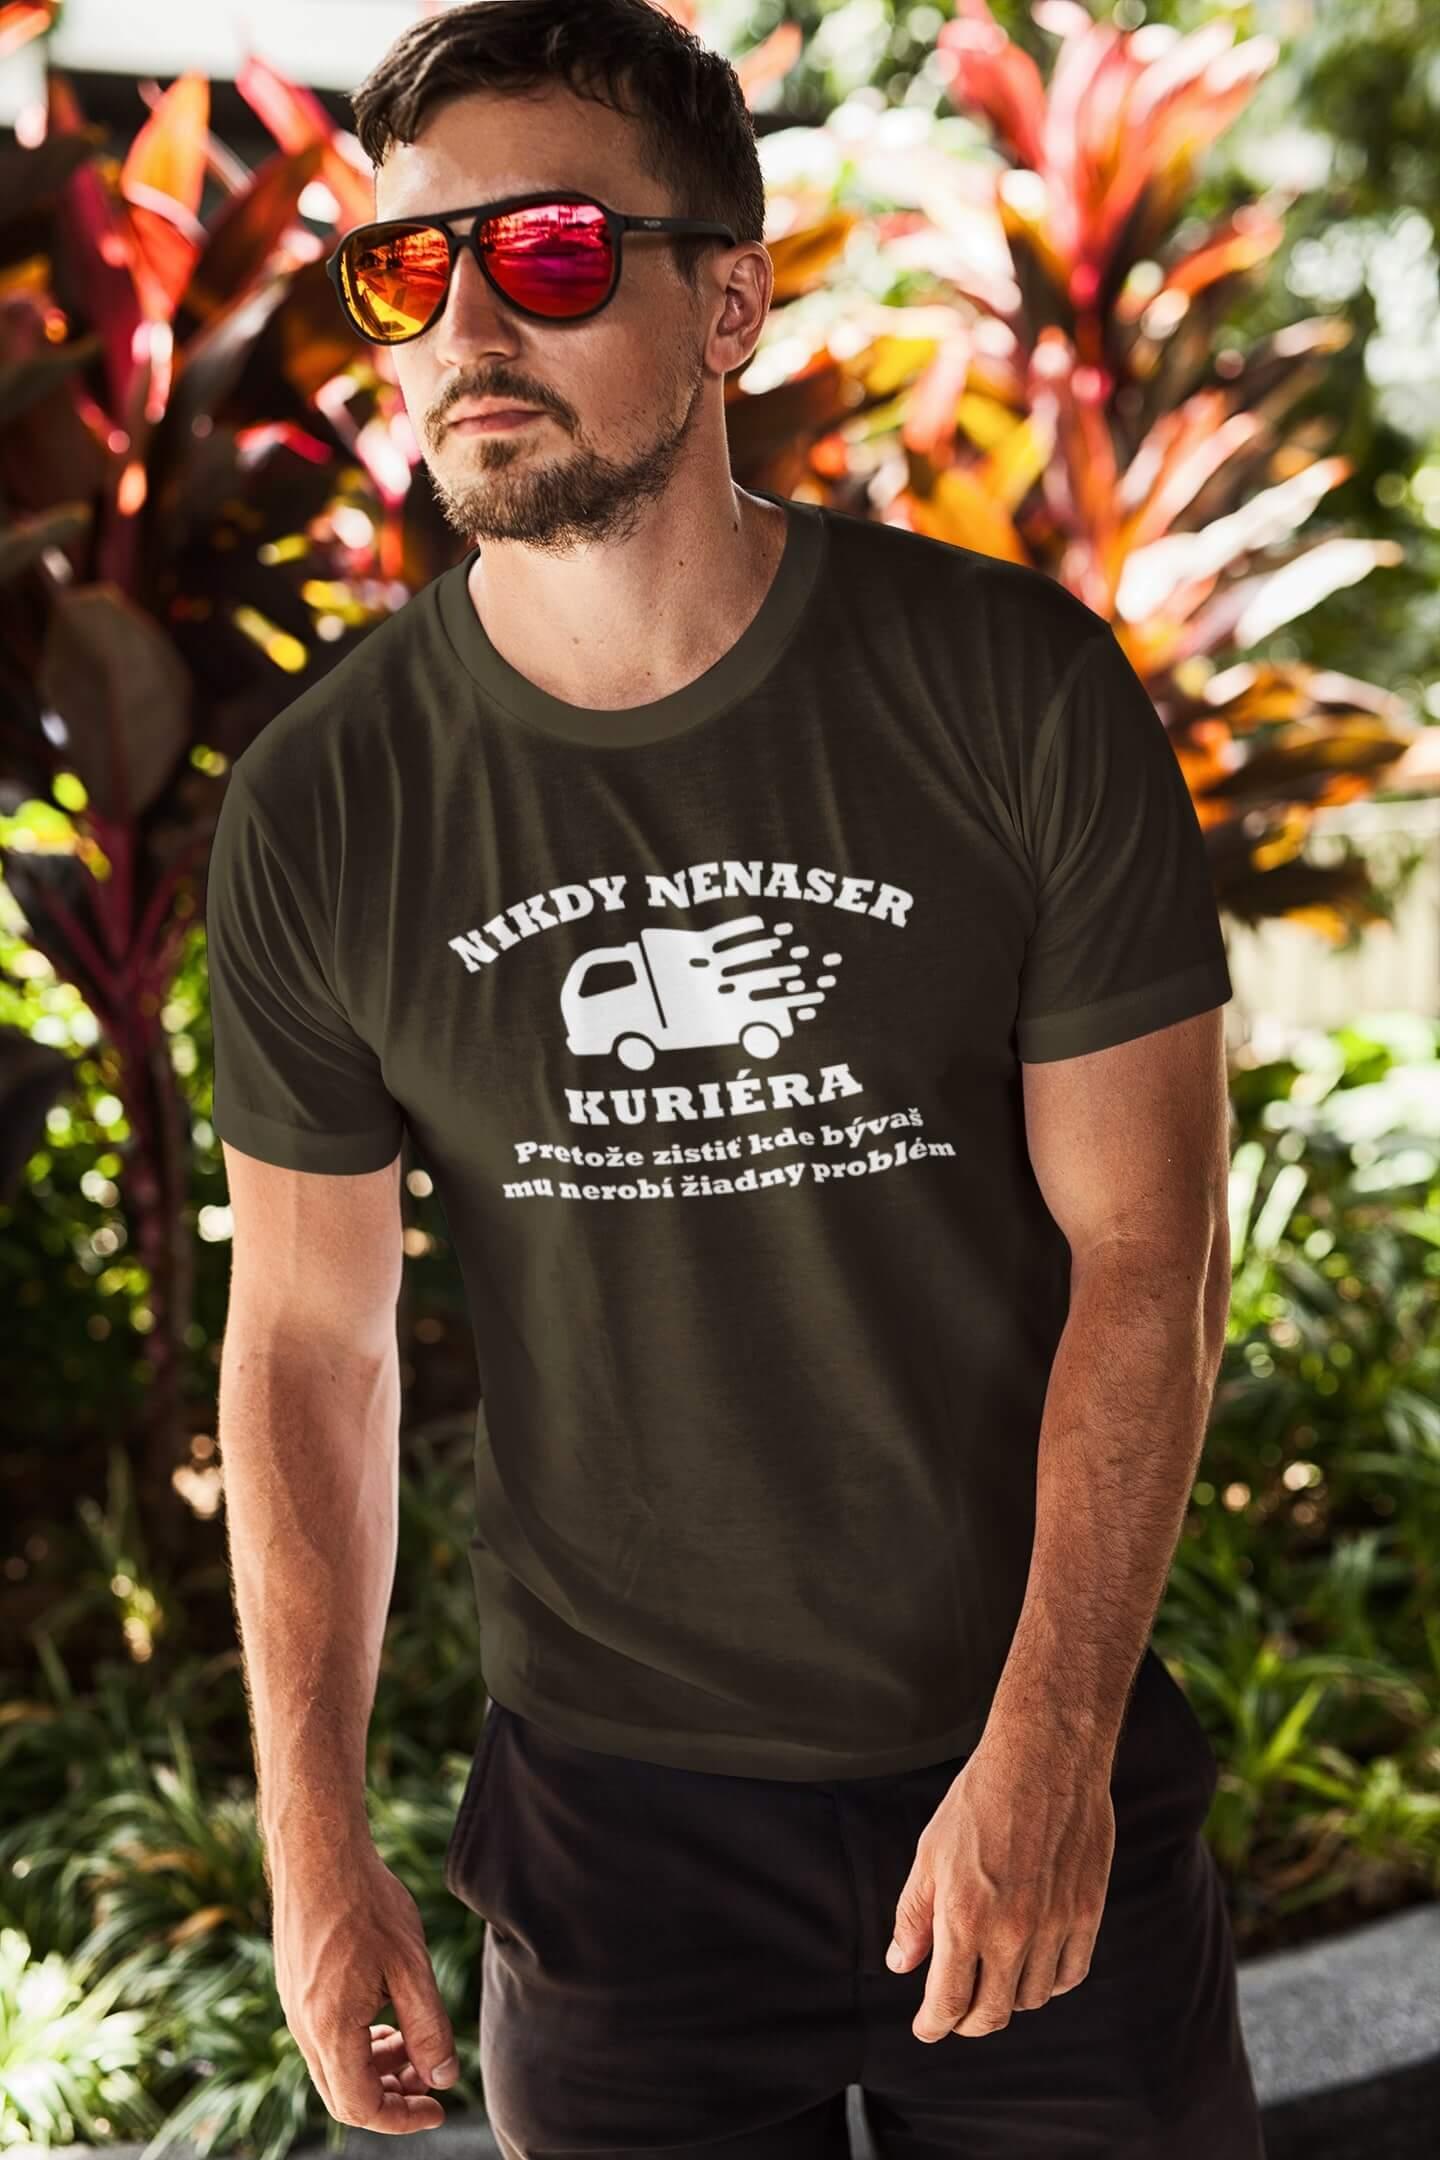 MMO Pánske tričko Kurier Vyberte farbu: Military, Vyberte veľkosť: XS